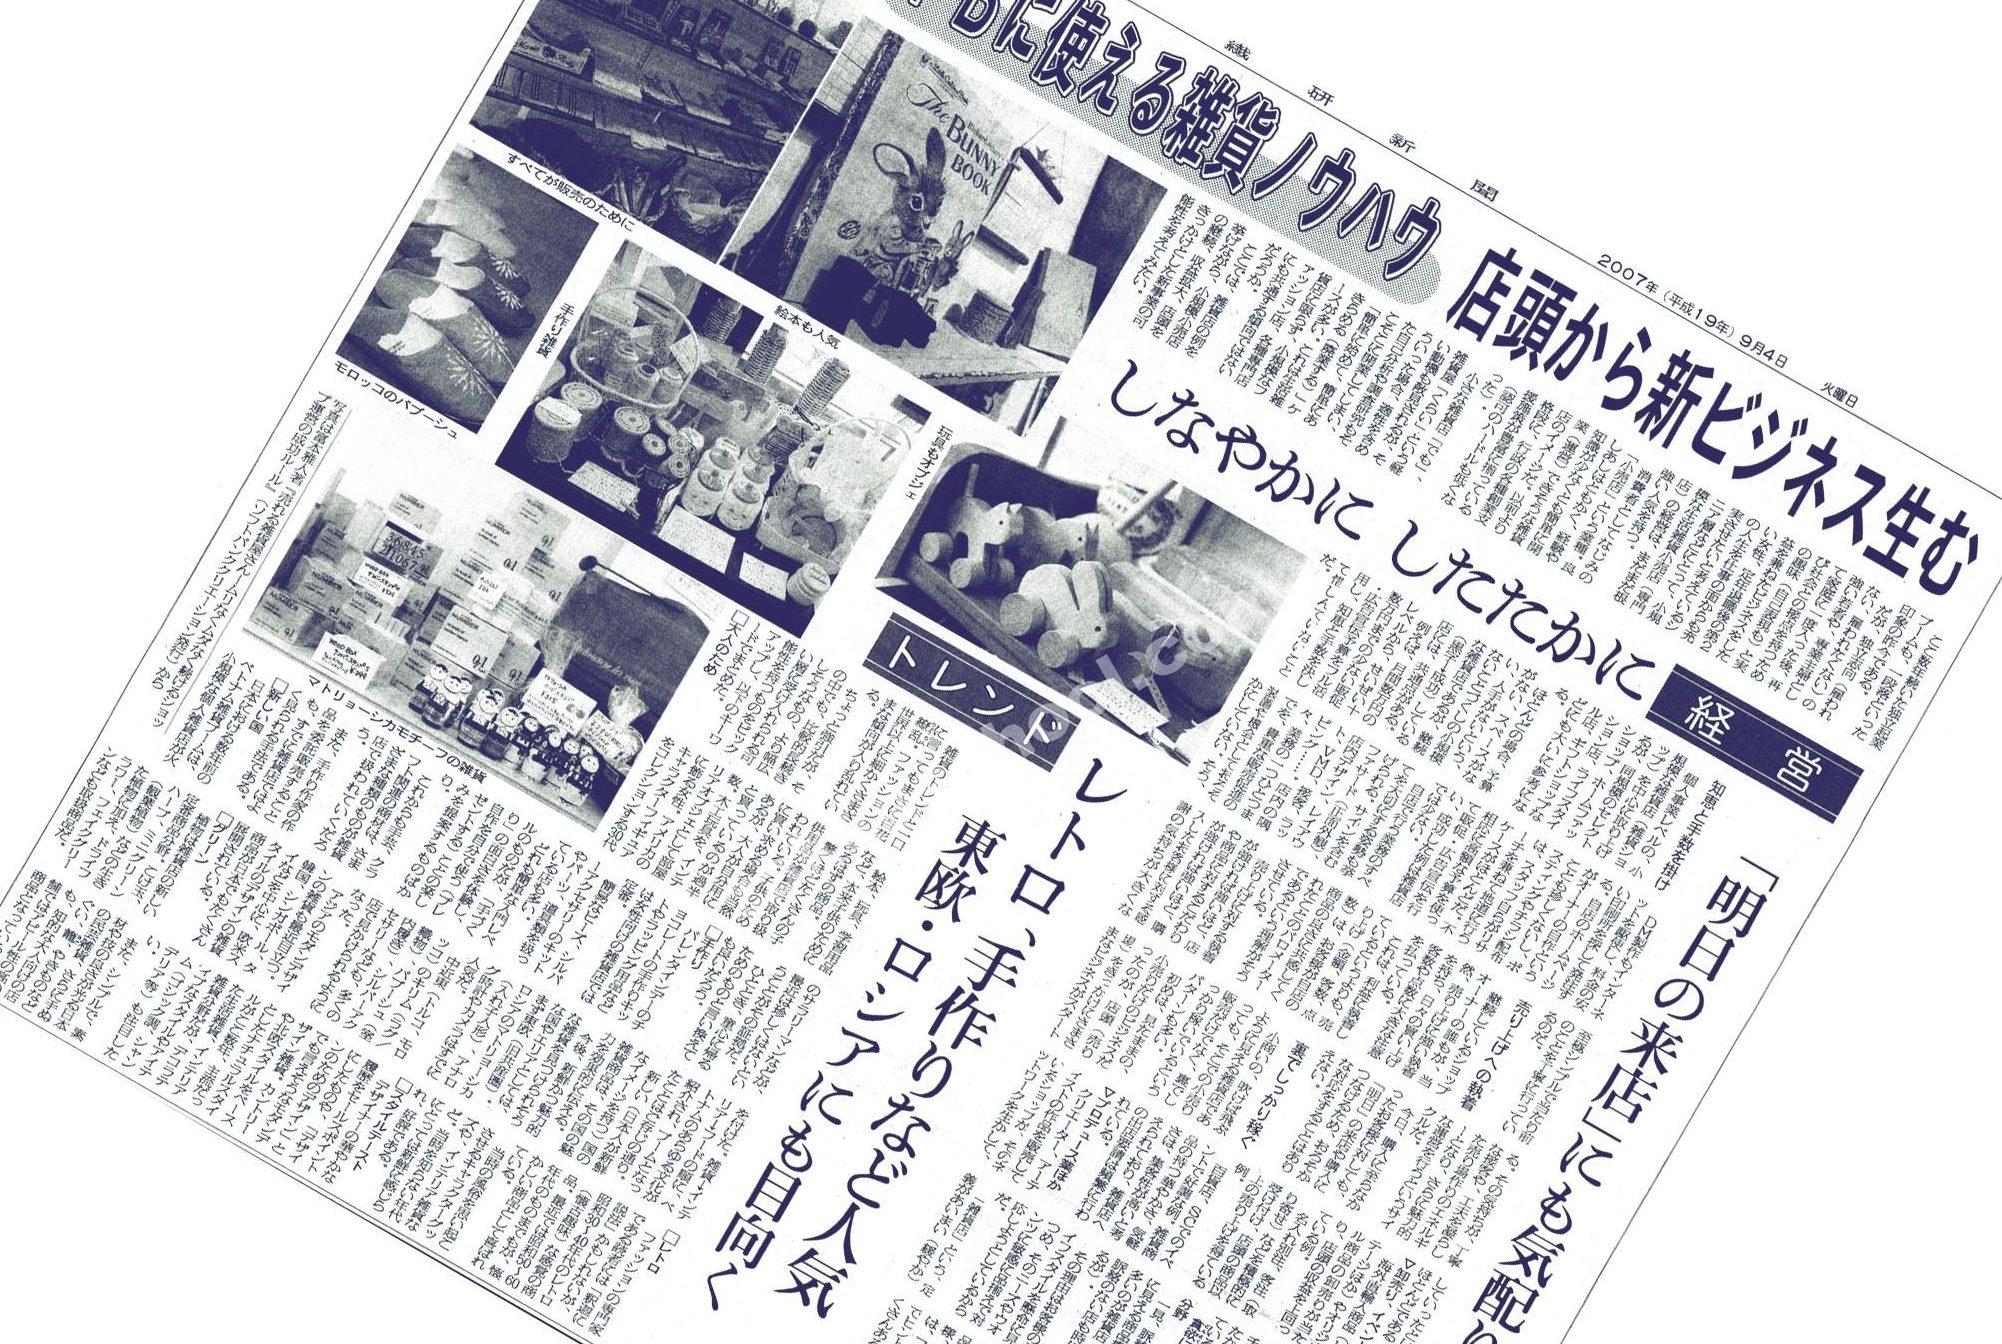 繊研新聞雑貨特集全面